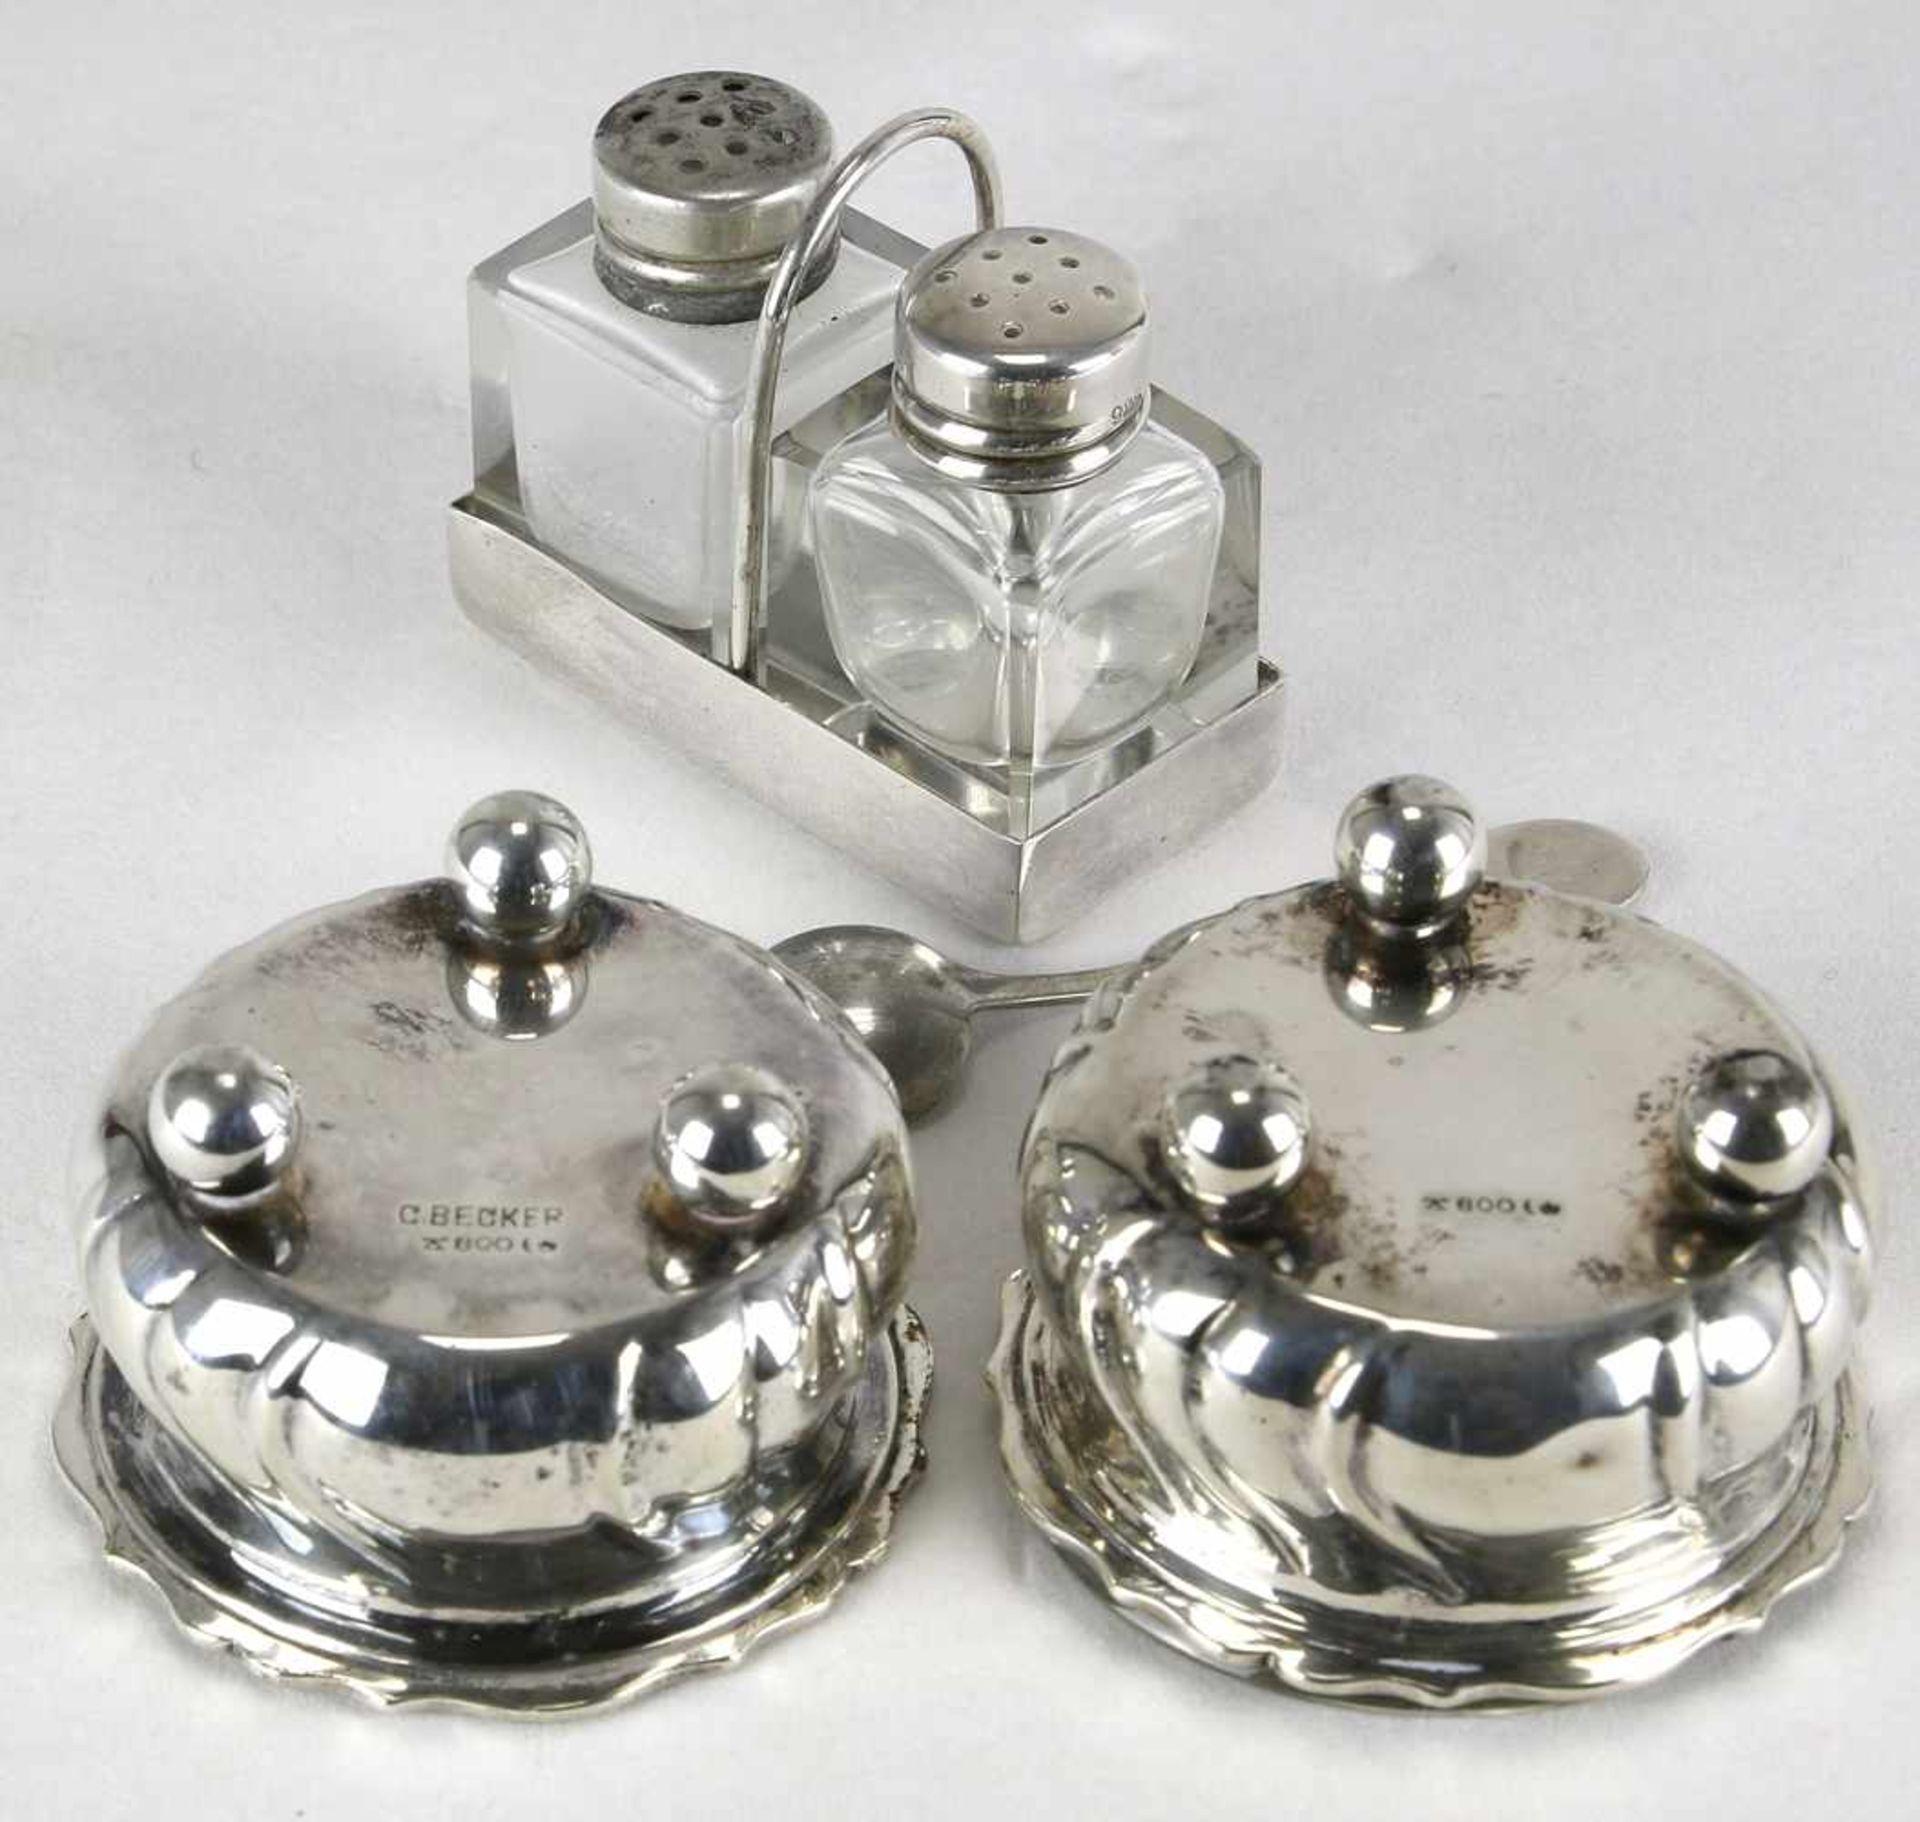 Paar SalierenDeutsch 20. Jh. Barockstil mit Glaseinsätzen und einem Silberlöffel. Punziert mit - Bild 2 aus 2